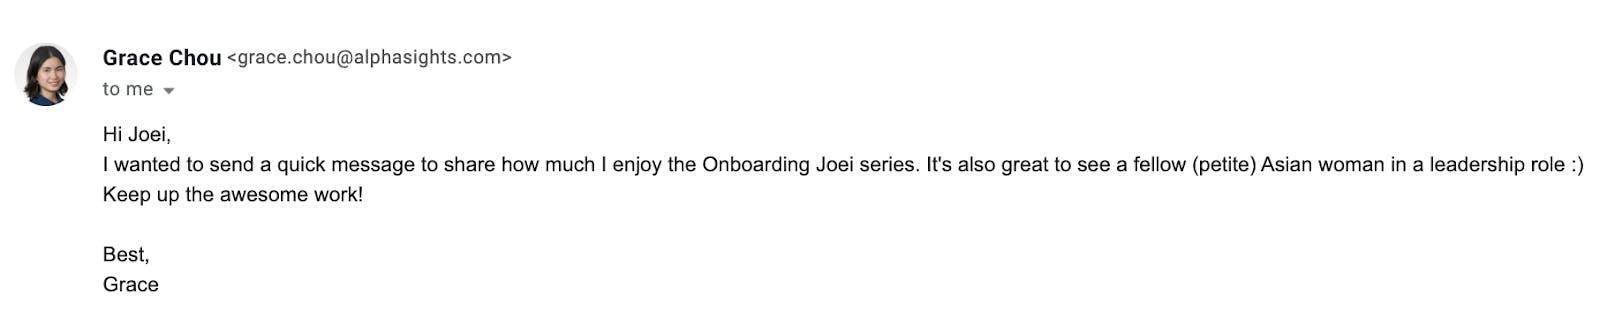 Onboarding Joei 2021 Webby Awards